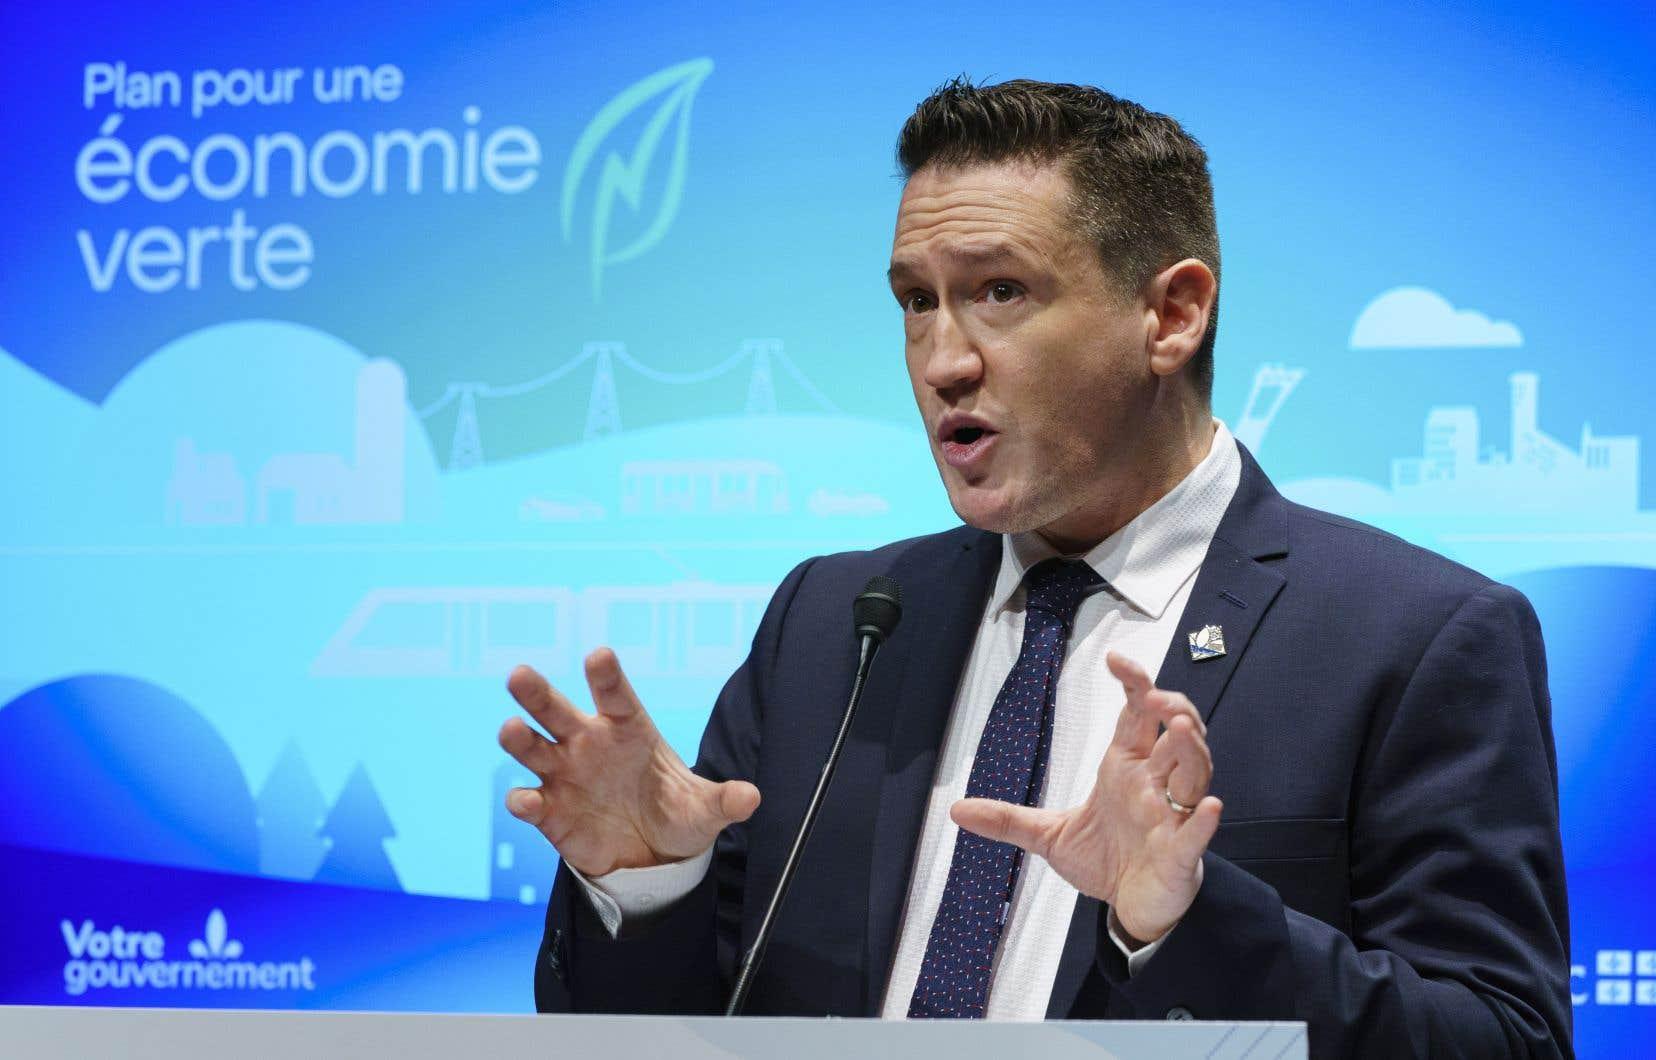 Le gouvernement Legault a réussi à respecter l'engagement pris par le Québec, à savoir de protéger 17% de ses milieux naturels terrestres avant la fin de 2020.